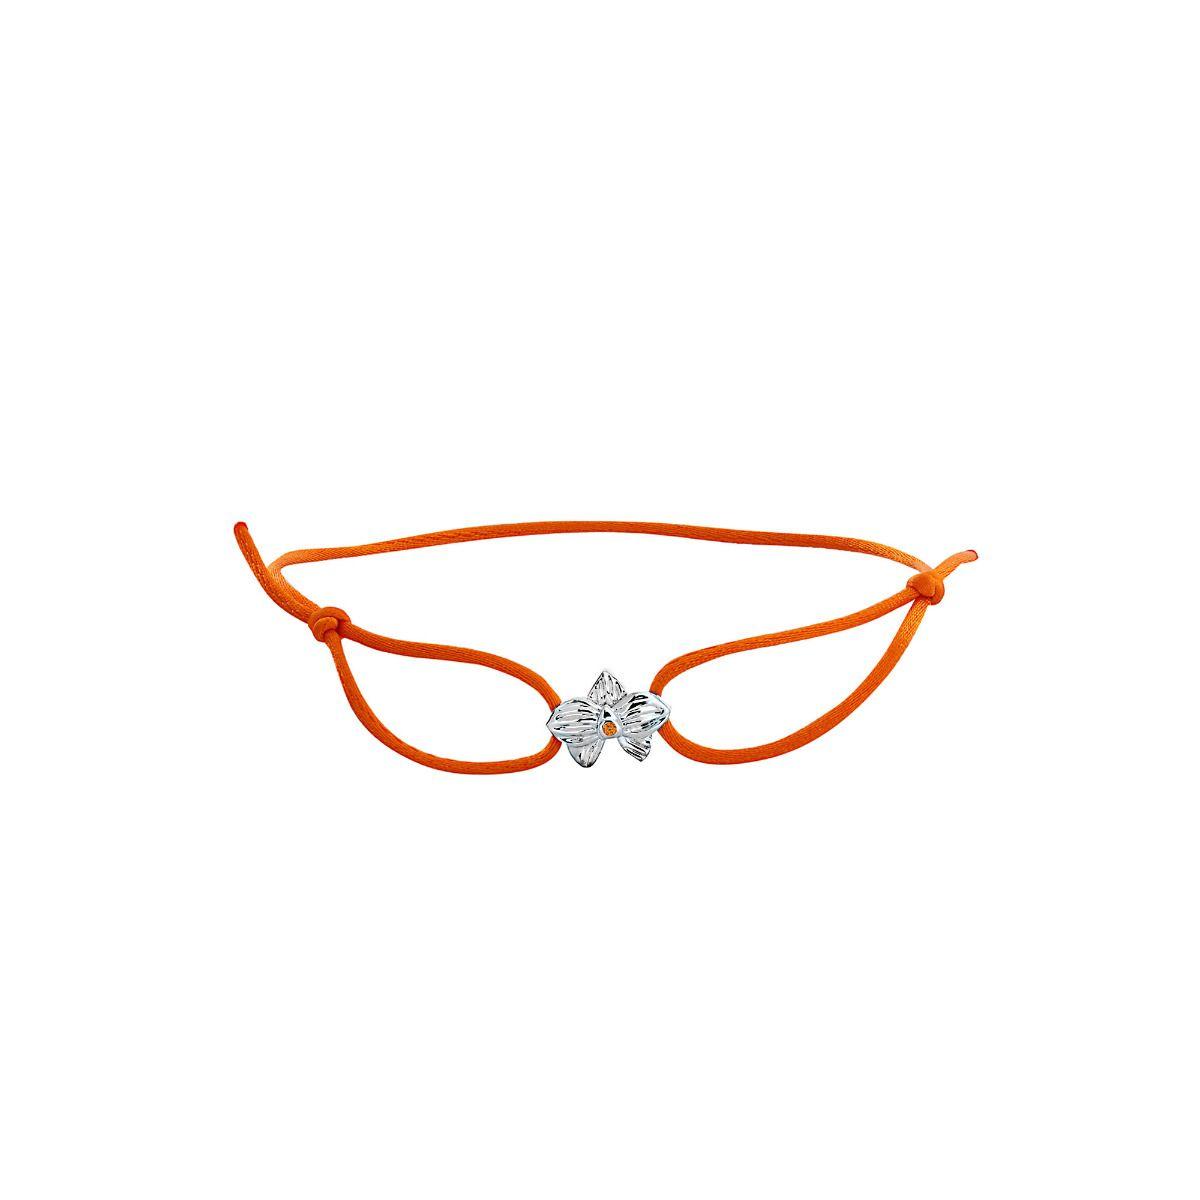 Allyn's Orchard Sterling Silver Orange Silk Cord Bracelet